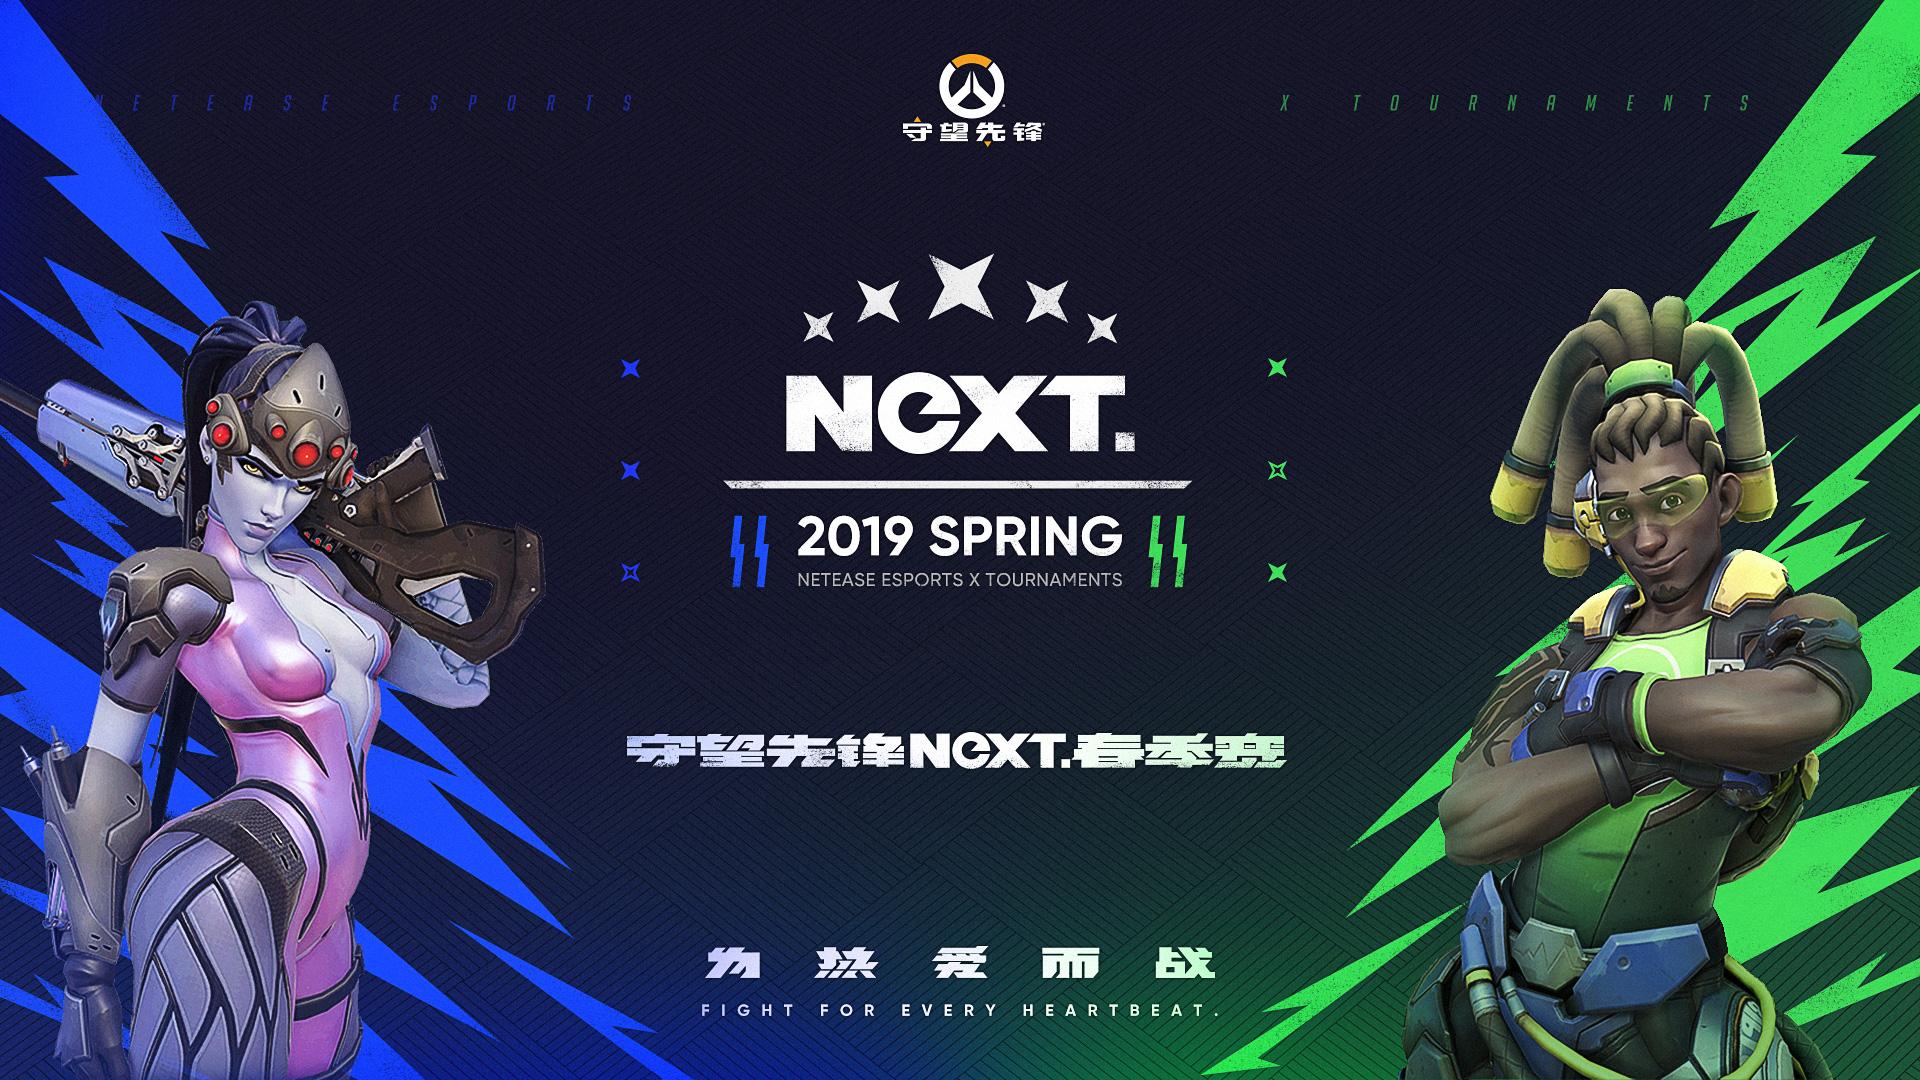 守望先锋NeXT春季赛明日开启 中韩OC强队角逐冠军